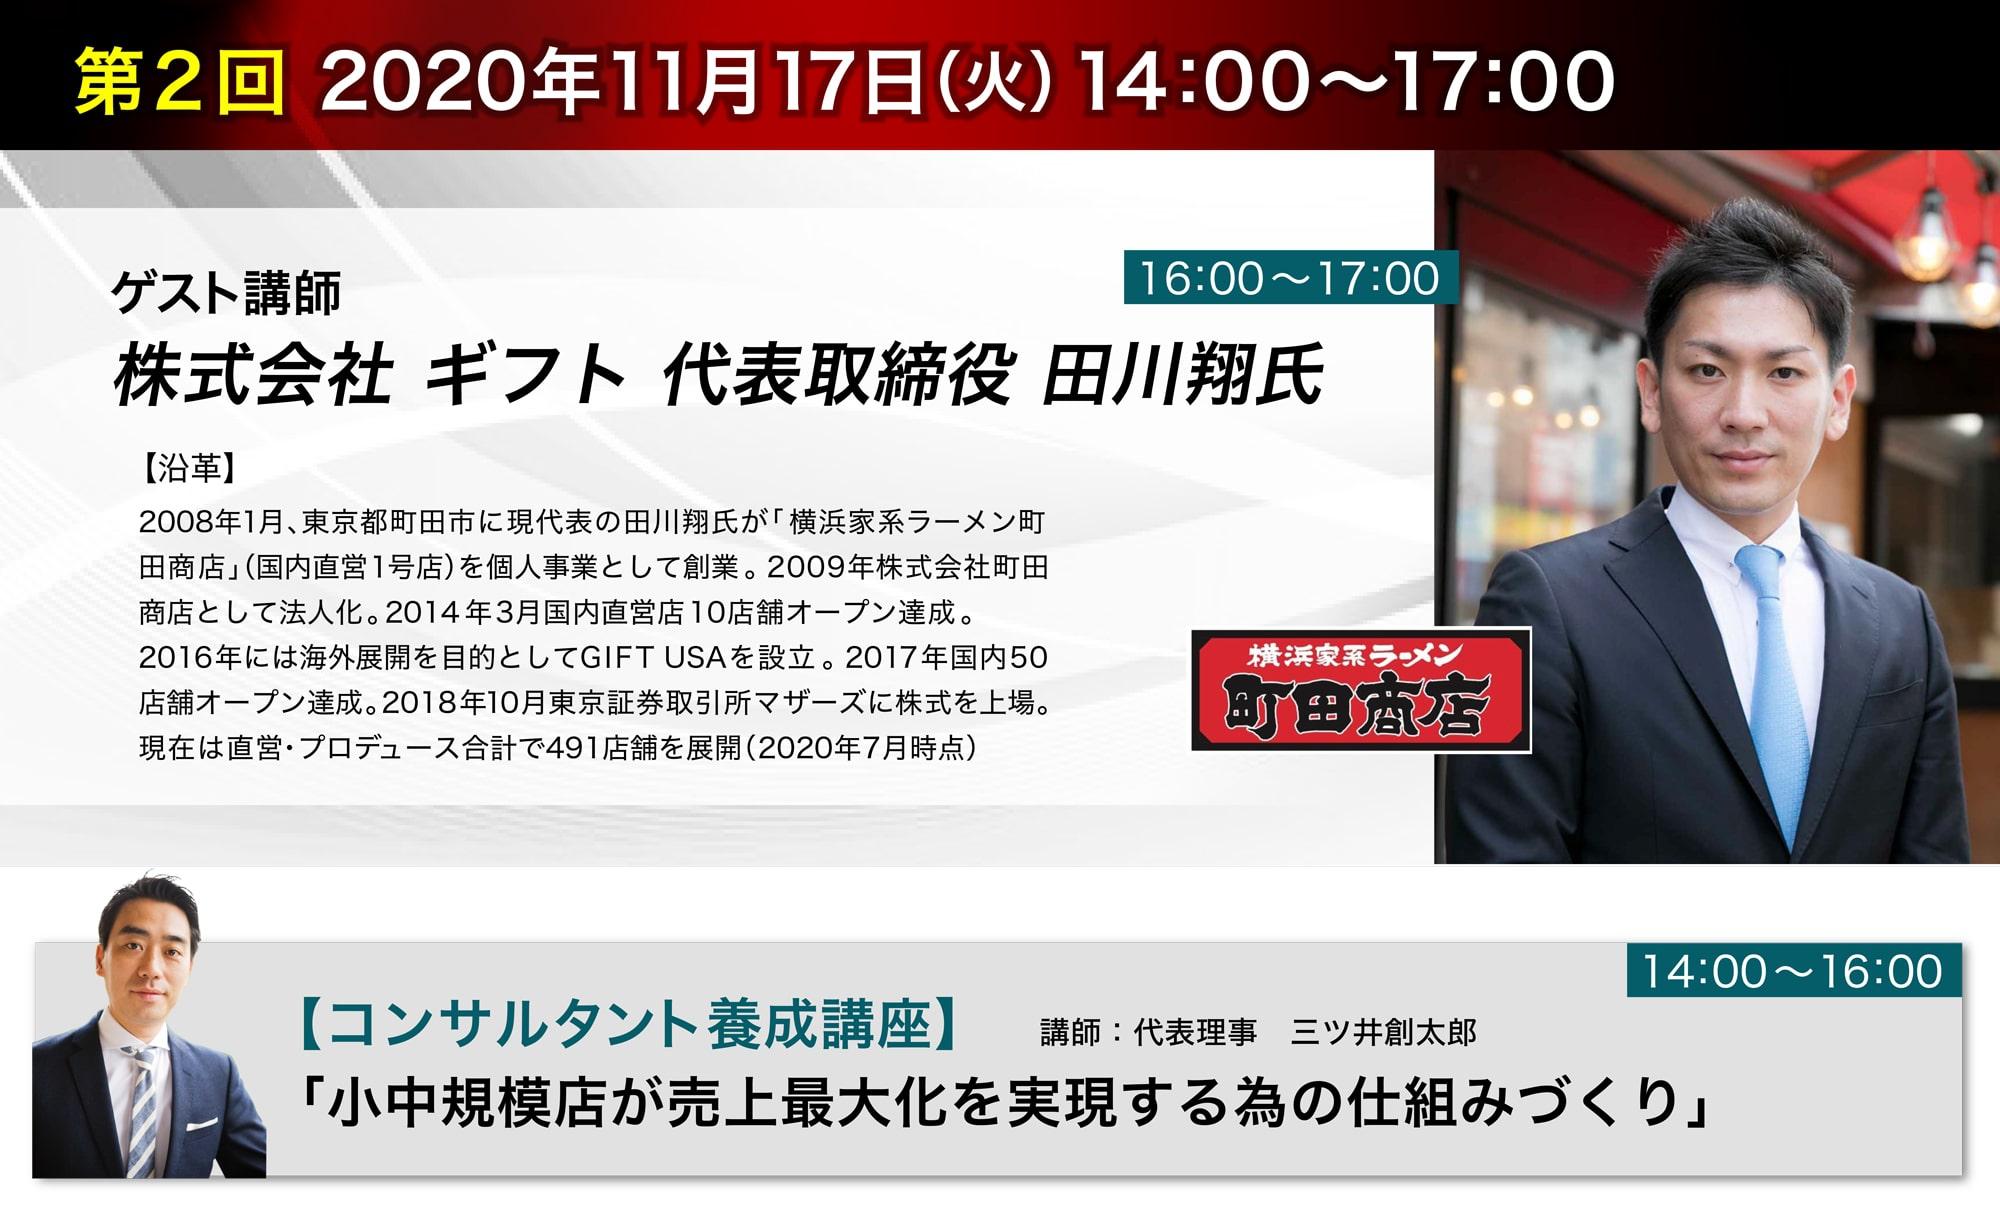 【第二回ゲスト講師】株式会社 ギフト 代表取締役 田川翔氏